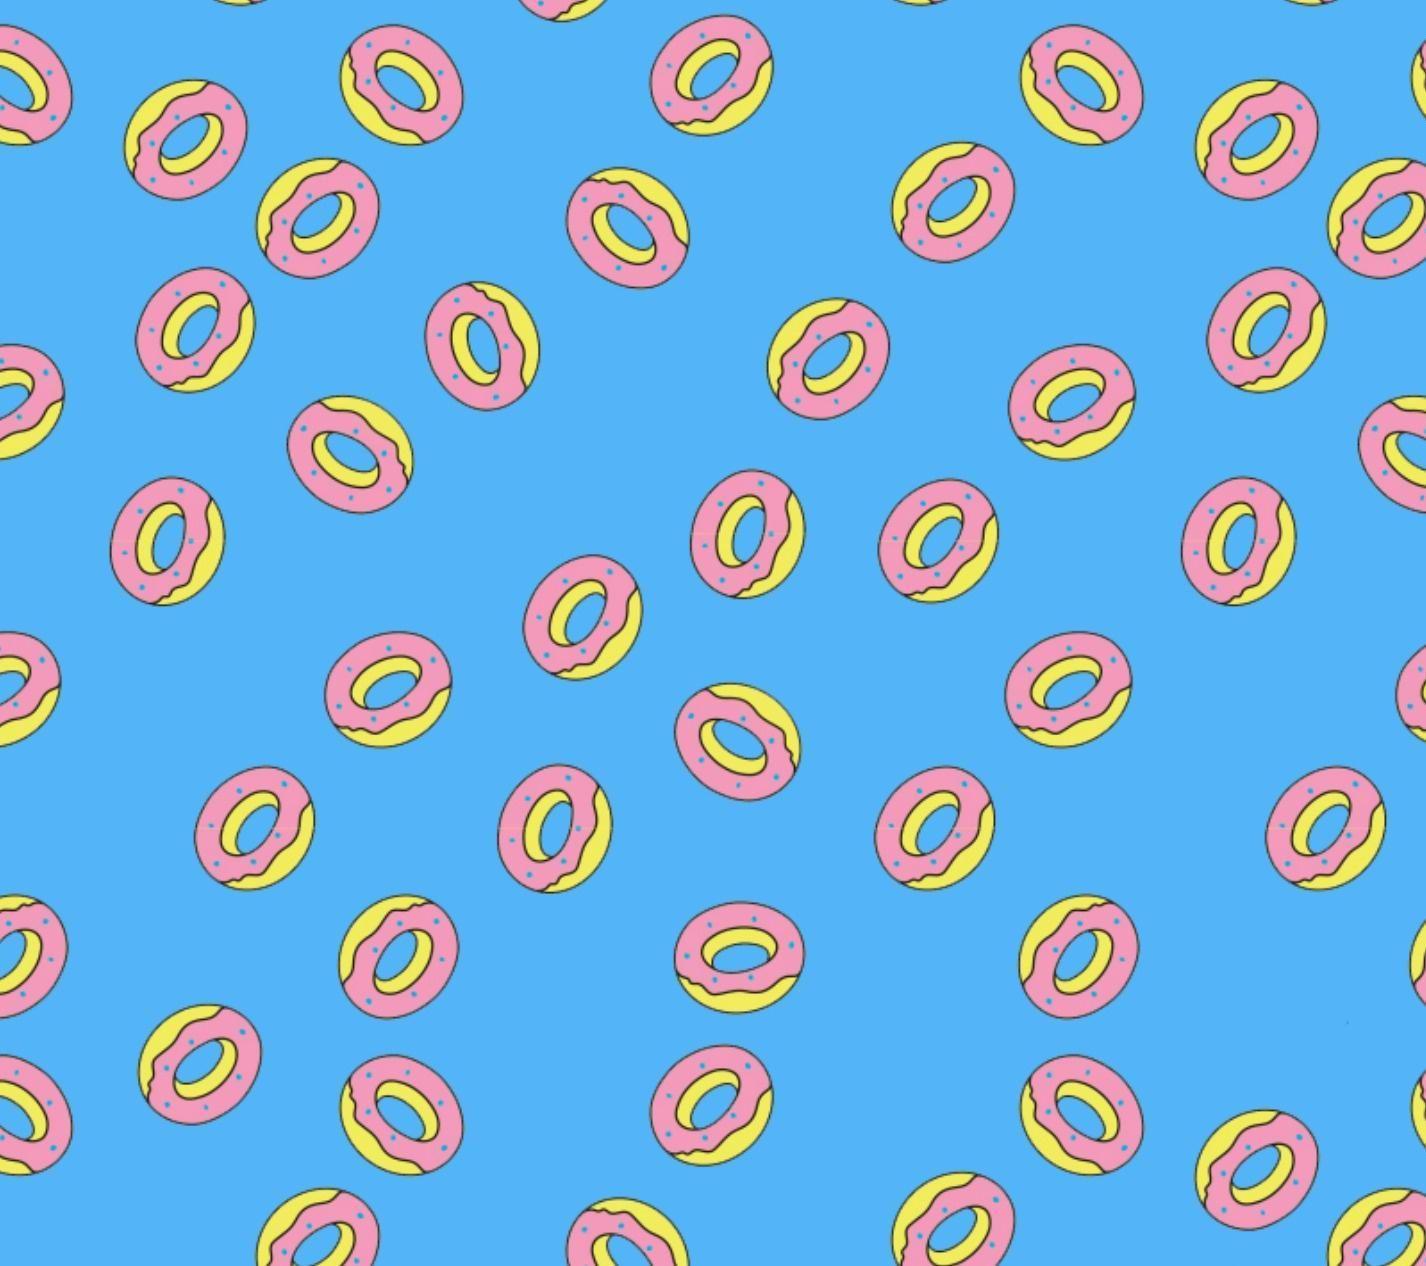 6b0f697a11a0 Odd Future Doughnut Wallpapers - Top Free Odd Future Doughnut ...